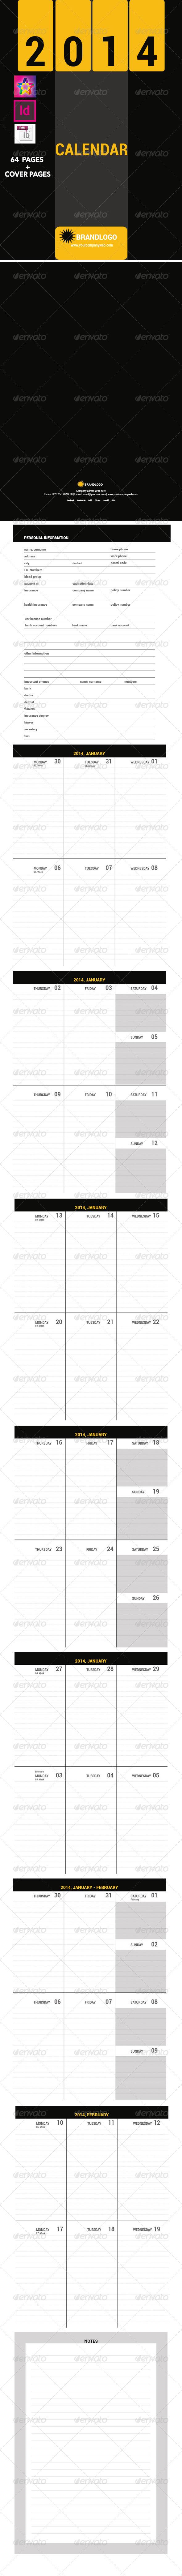 GraphicRiver 2014 Calendar Organizer Template 6200435